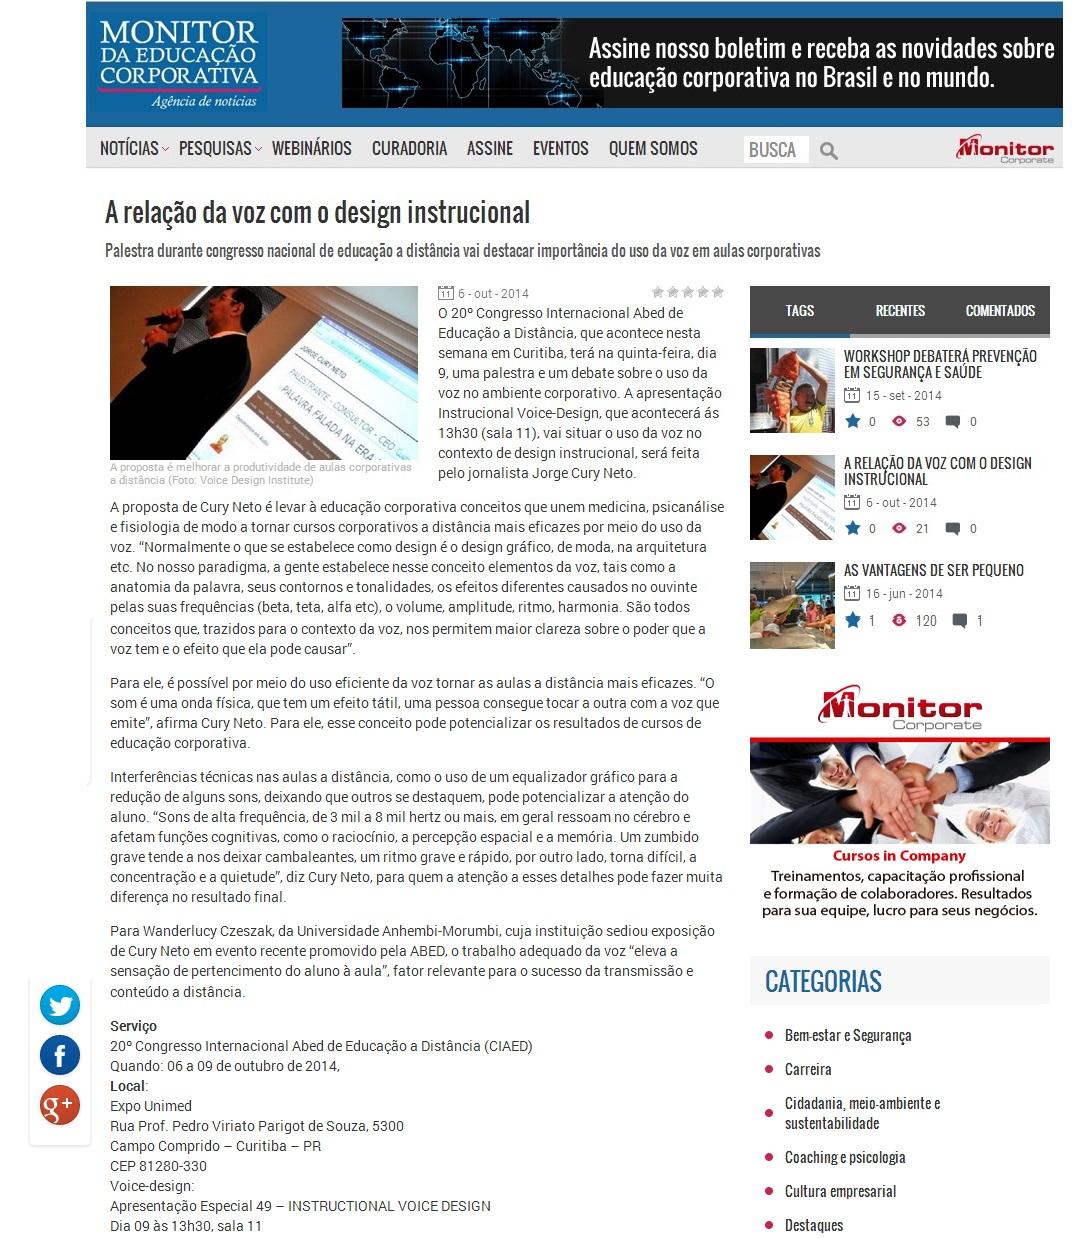 Instructional Voice Design no Congresso de EaD em Curitiba é notícia